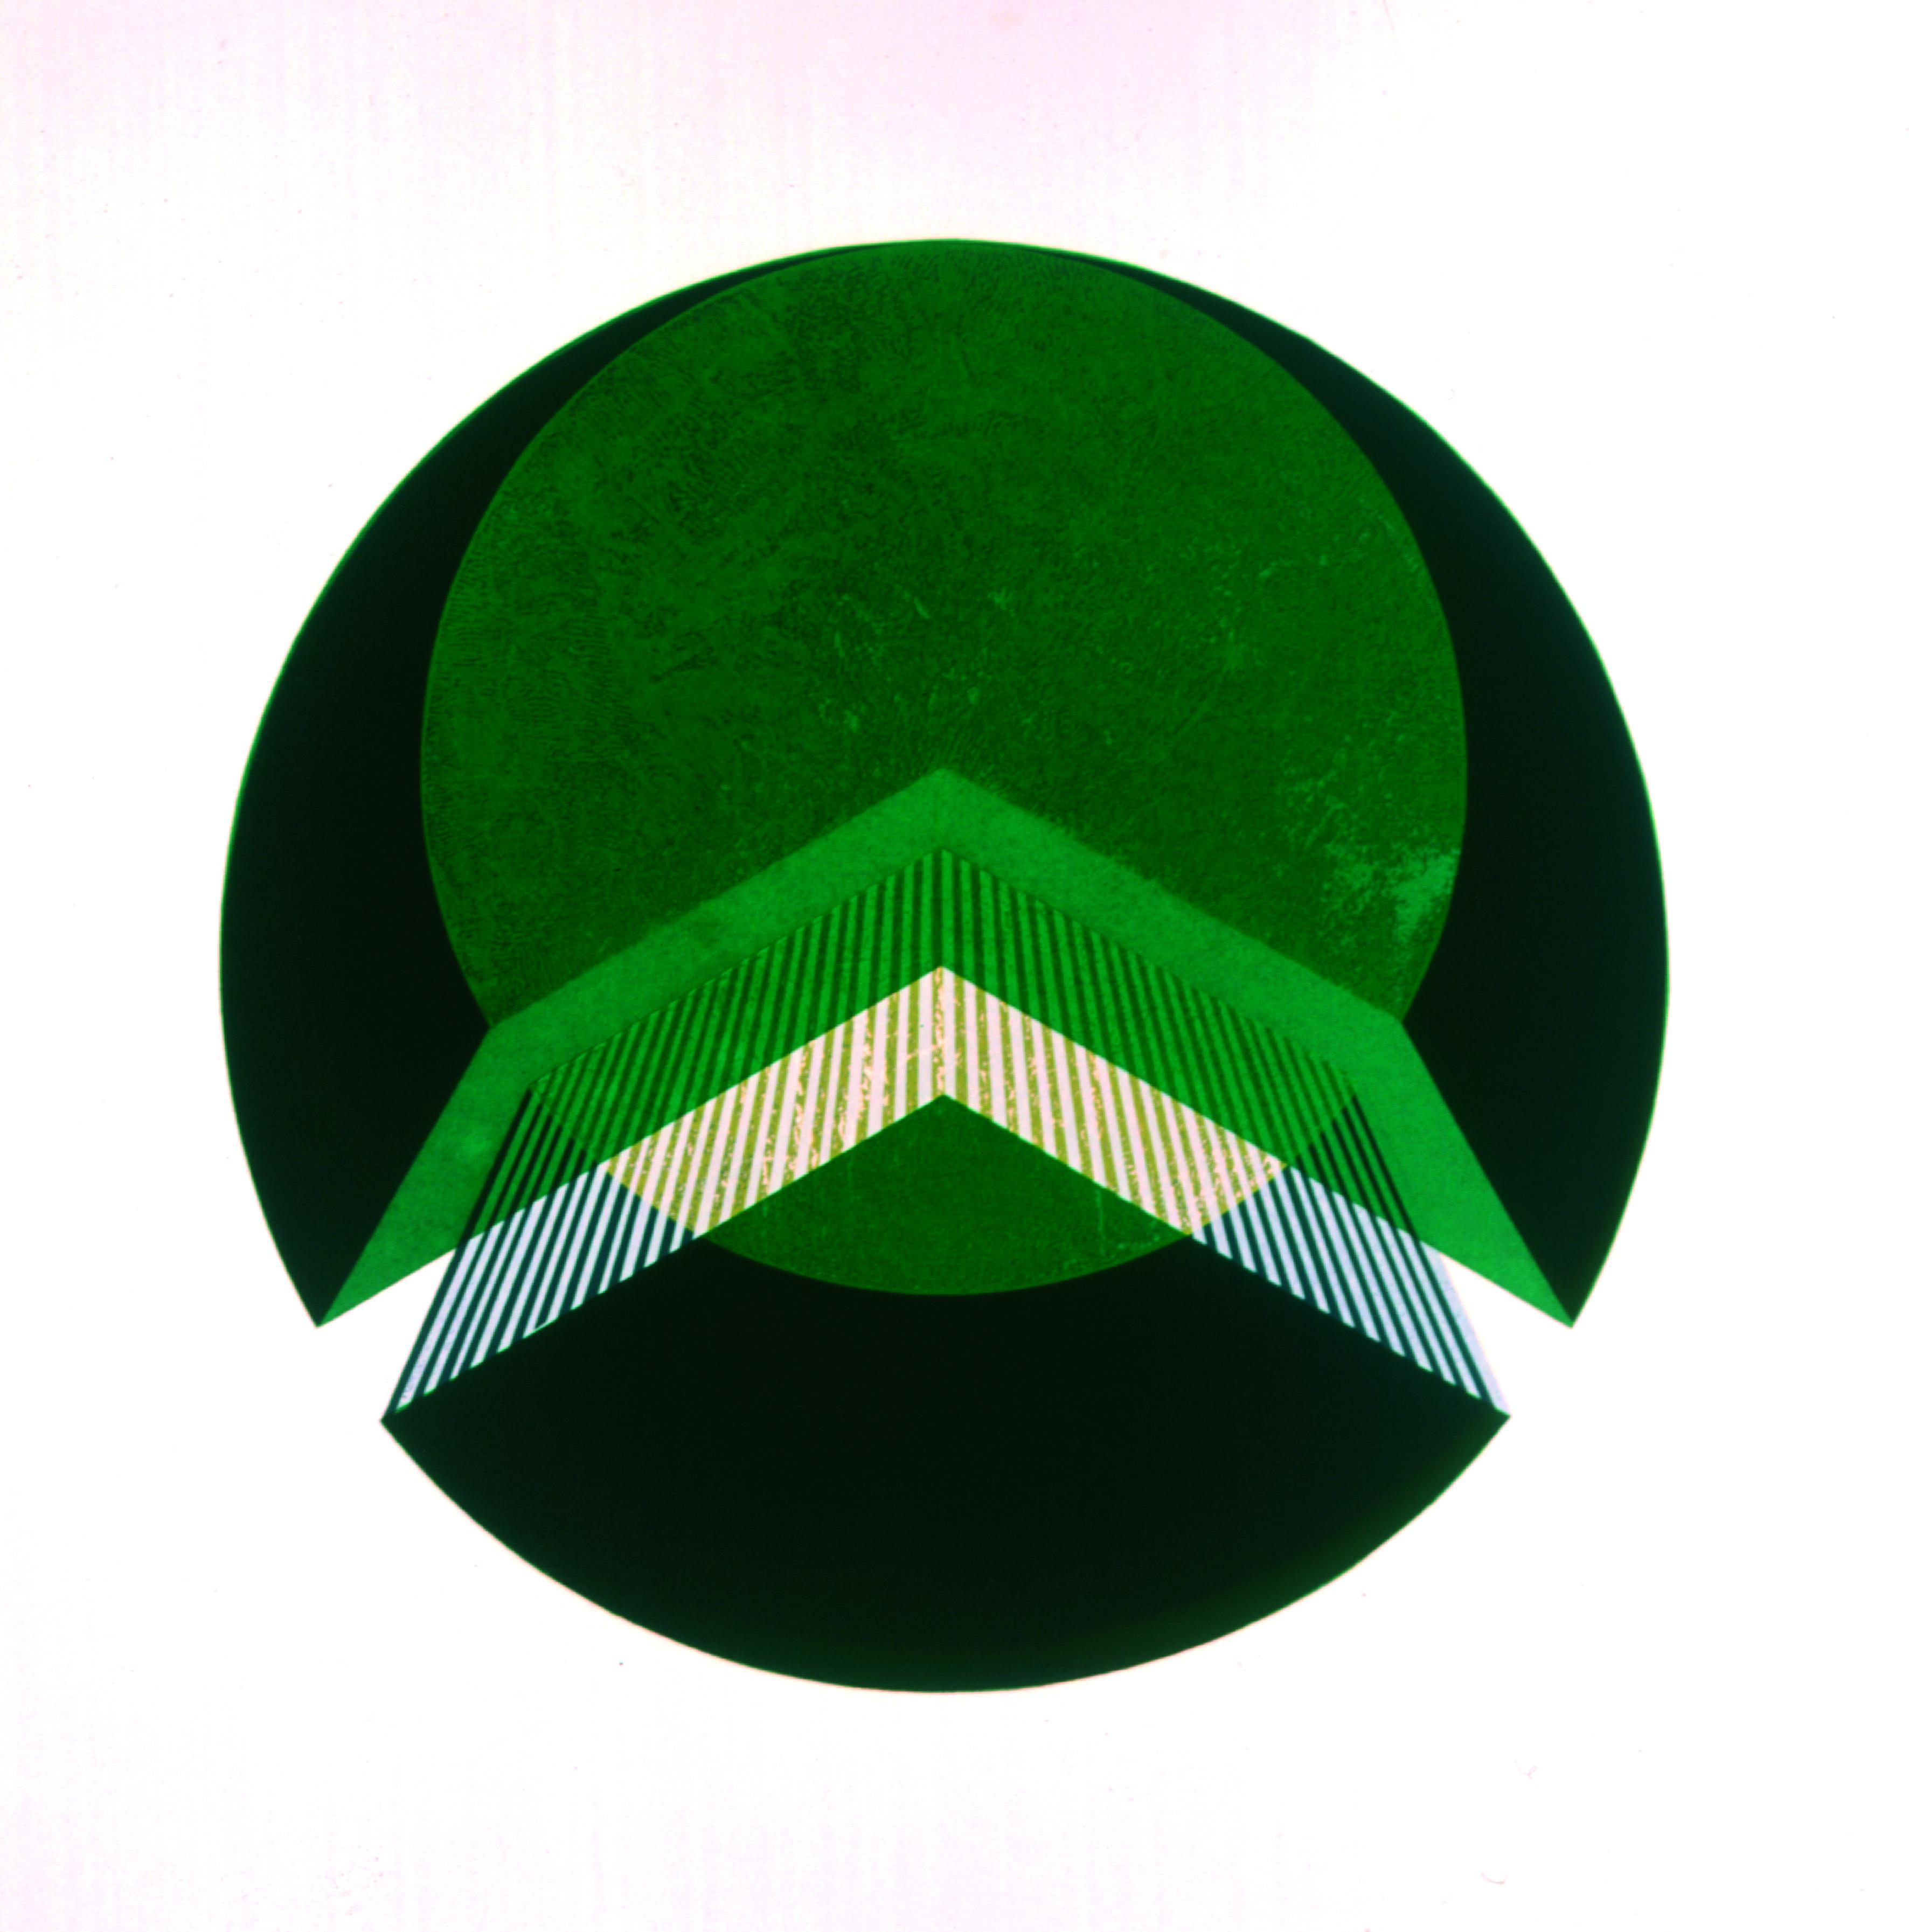 Composição Circular  Autor: Massuo Nakakubo Ano: 1970  Técnica: Serigrafia  Dimensões: 50cm x 50cm